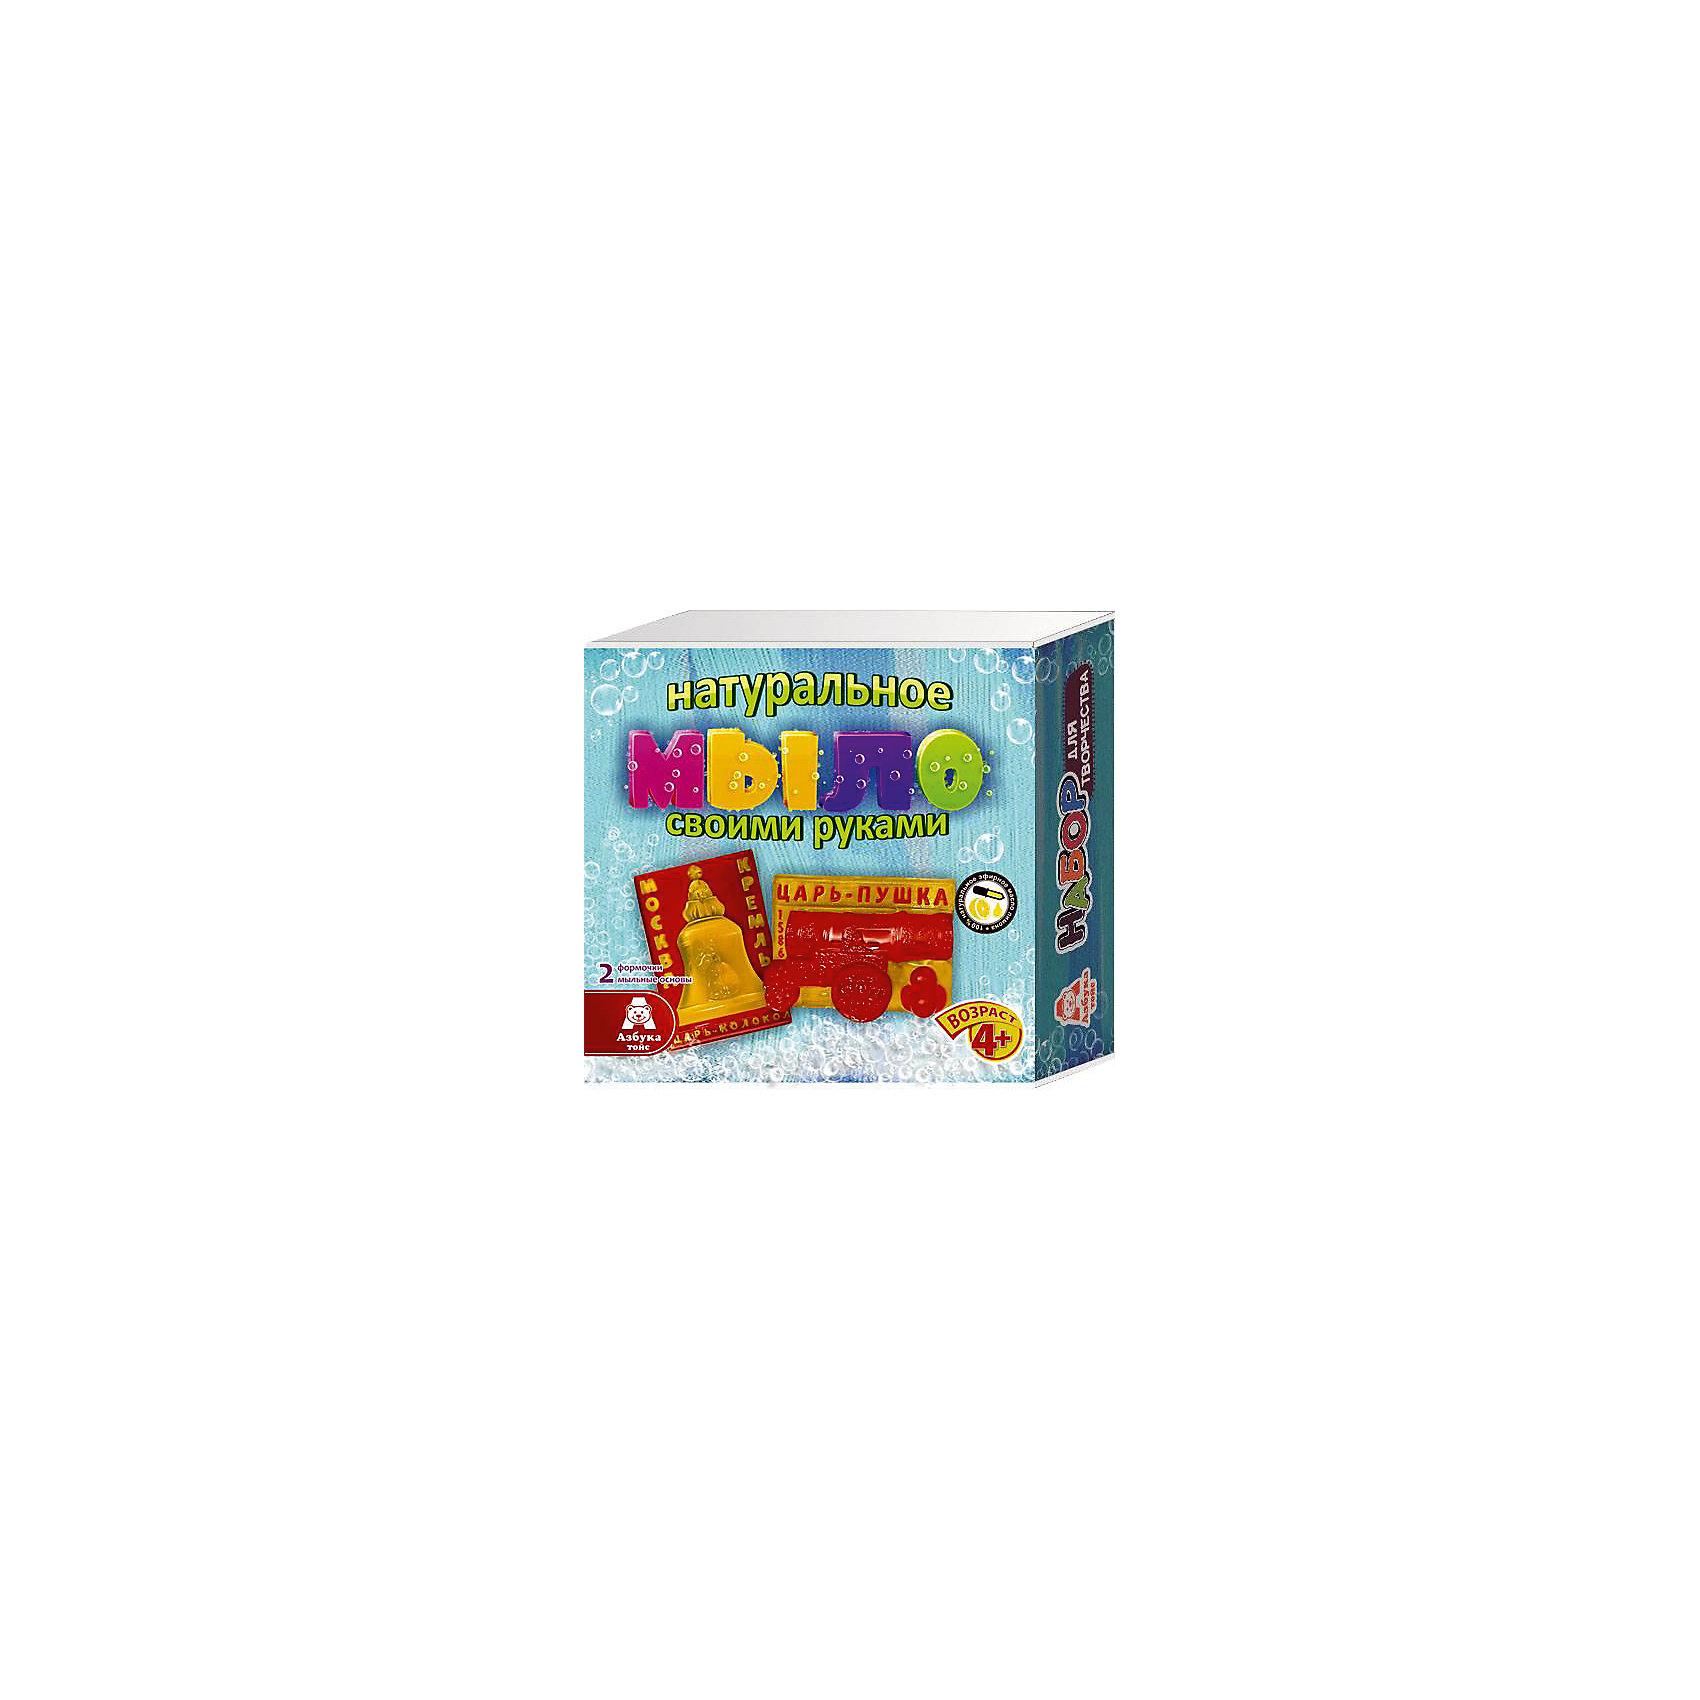 Мыло Жемчужины КремляНаборы для создания мыла<br>Характеристики товара:<br><br>• упаковка: коробка<br>• количество цветов: 5<br>• возраст: 4+<br>• масса: 260 г<br>• габариты: 50х140х140 мм<br>• комплектация: натуральная мыльная основа (5 видов), эфирное масло (5 видов), деревянная палочка, емкость для растапливания, формочки - 5 шт., инструкция<br>• страна бренда: РФ<br>• страна изготовитель: РФ<br><br>Мыловарение – интересный и необычный способ занять малыша. Ошибочно полагать, что создавать мыло – творчество только для девочек. В новом наборе формочки позволяют варить мыло в форме различных предметов. На выходе у ребенка получится настоящее мыло, готовое к использованию. Благодаря эфирным маслам оно будет приятно пахнуть. В наборе есть все необходимое для создания продукта.<br>Набор станет отличным подарком ребенку, так как он сможет сам сделать полезную вещь для себя или в качестве подарка близким! Материалы, использованные при изготовлении товара, сертифицированы и отвечают всем международным требованиям по качеству. <br><br>Набор Мыло Жемчужины Кремля от бренда Азбука Тойс можно приобрести в нашем интернет-магазине.<br><br>Ширина мм: 140<br>Глубина мм: 50<br>Высота мм: 140<br>Вес г: 260<br>Возраст от месяцев: 48<br>Возраст до месяцев: 96<br>Пол: Унисекс<br>Возраст: Детский<br>SKU: 5062859